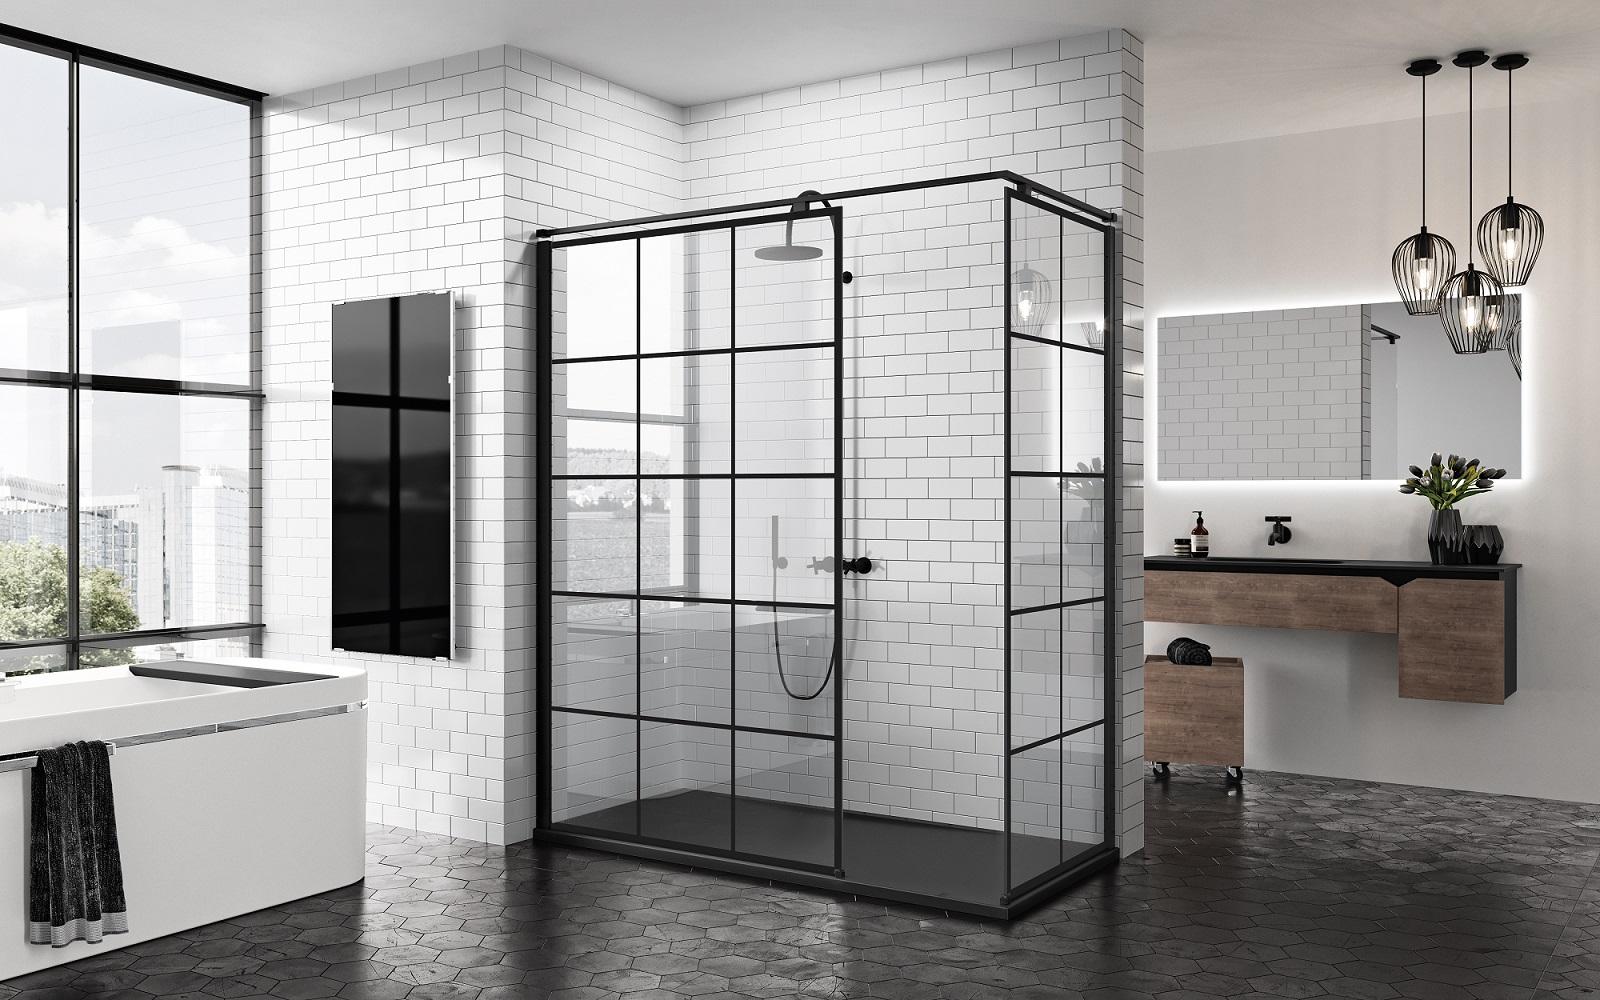 Zwart in de badkamer: douchewanden met industriële look - Nieuws ...